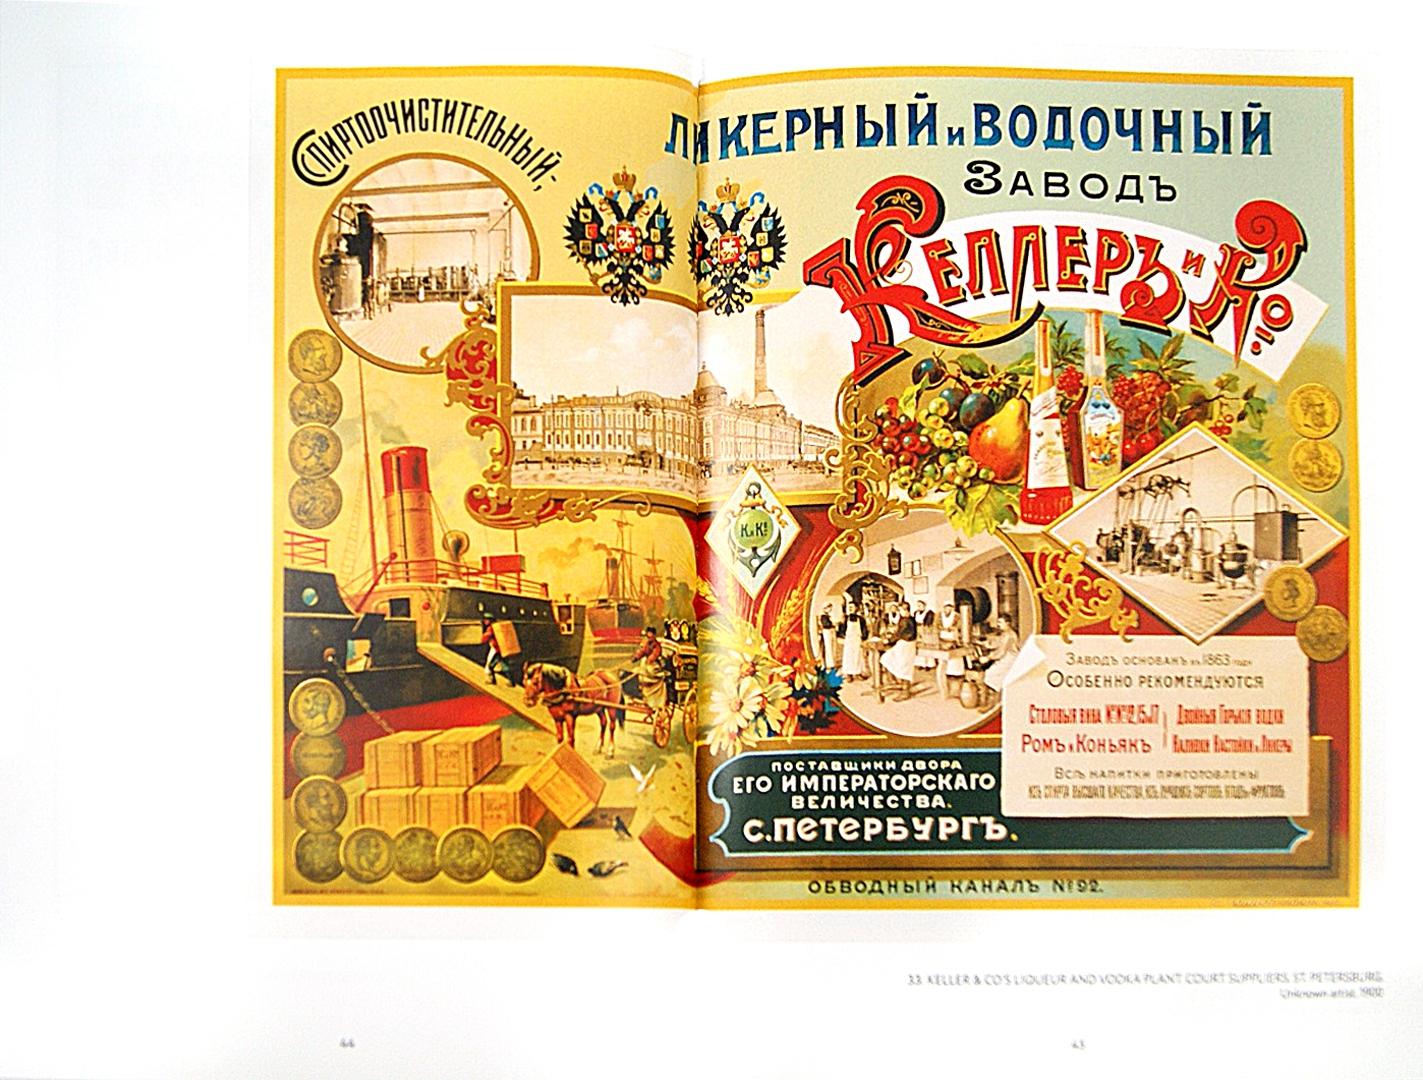 Иллюстрация 1 из 21 для Русский рекламный плакат 1868-1917 - Шклярук, Снопков, Снопков | Лабиринт - книги. Источник: Лабиринт